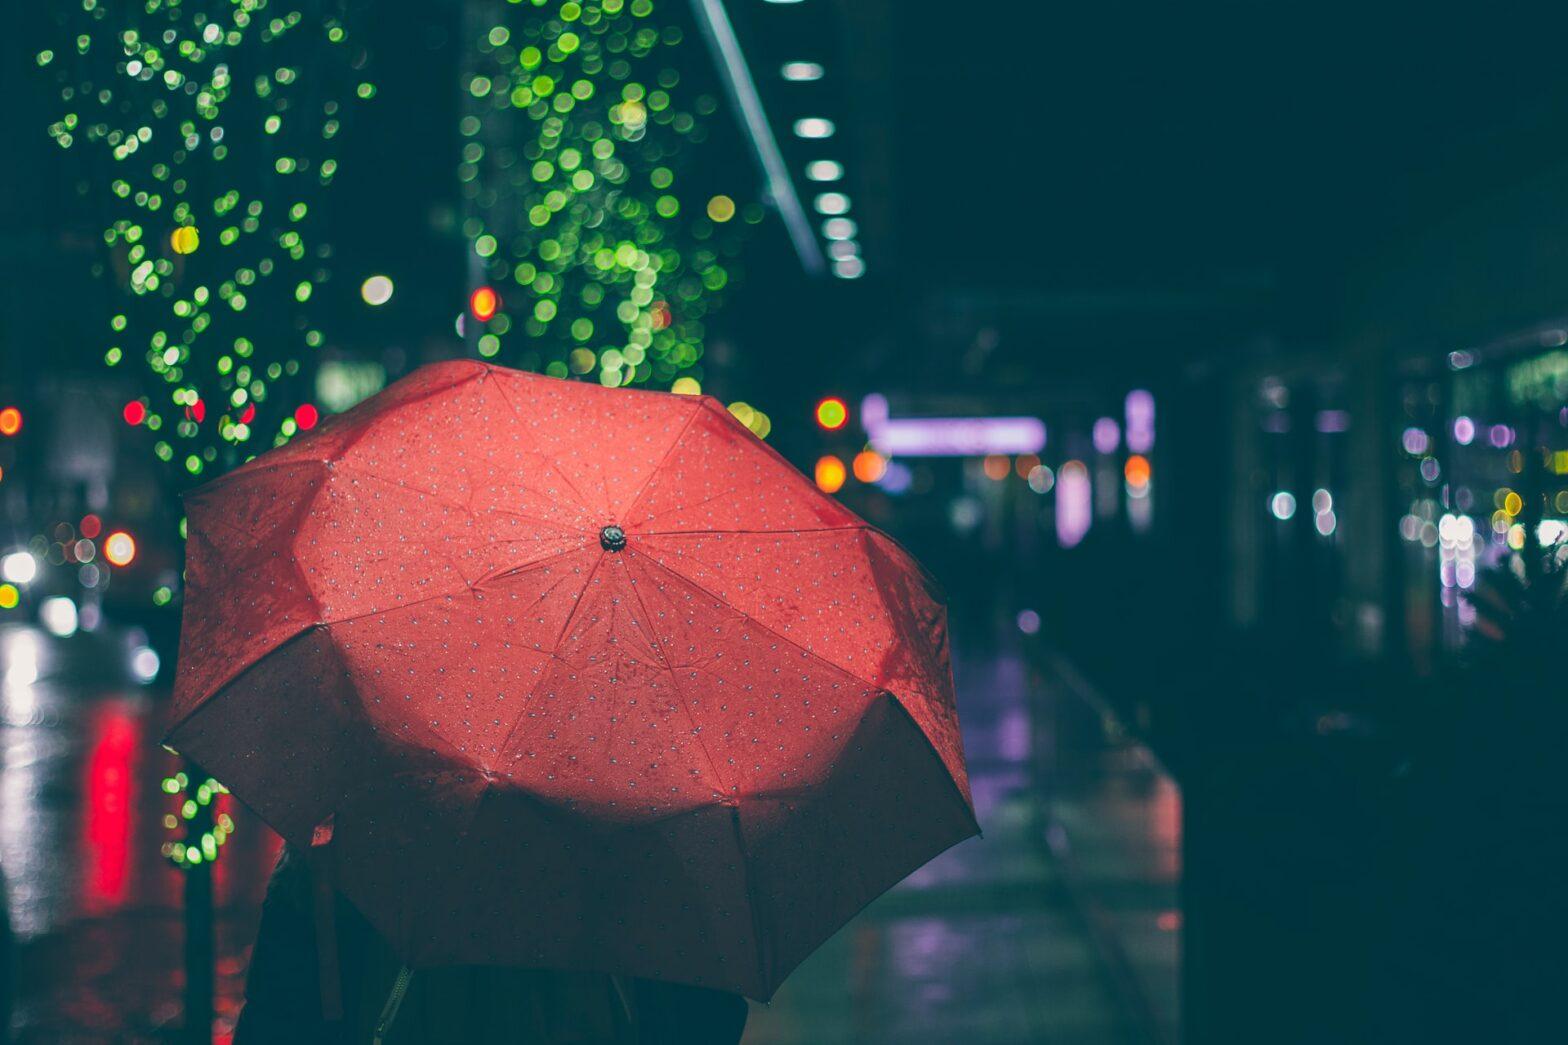 Scarpe per la pioggia